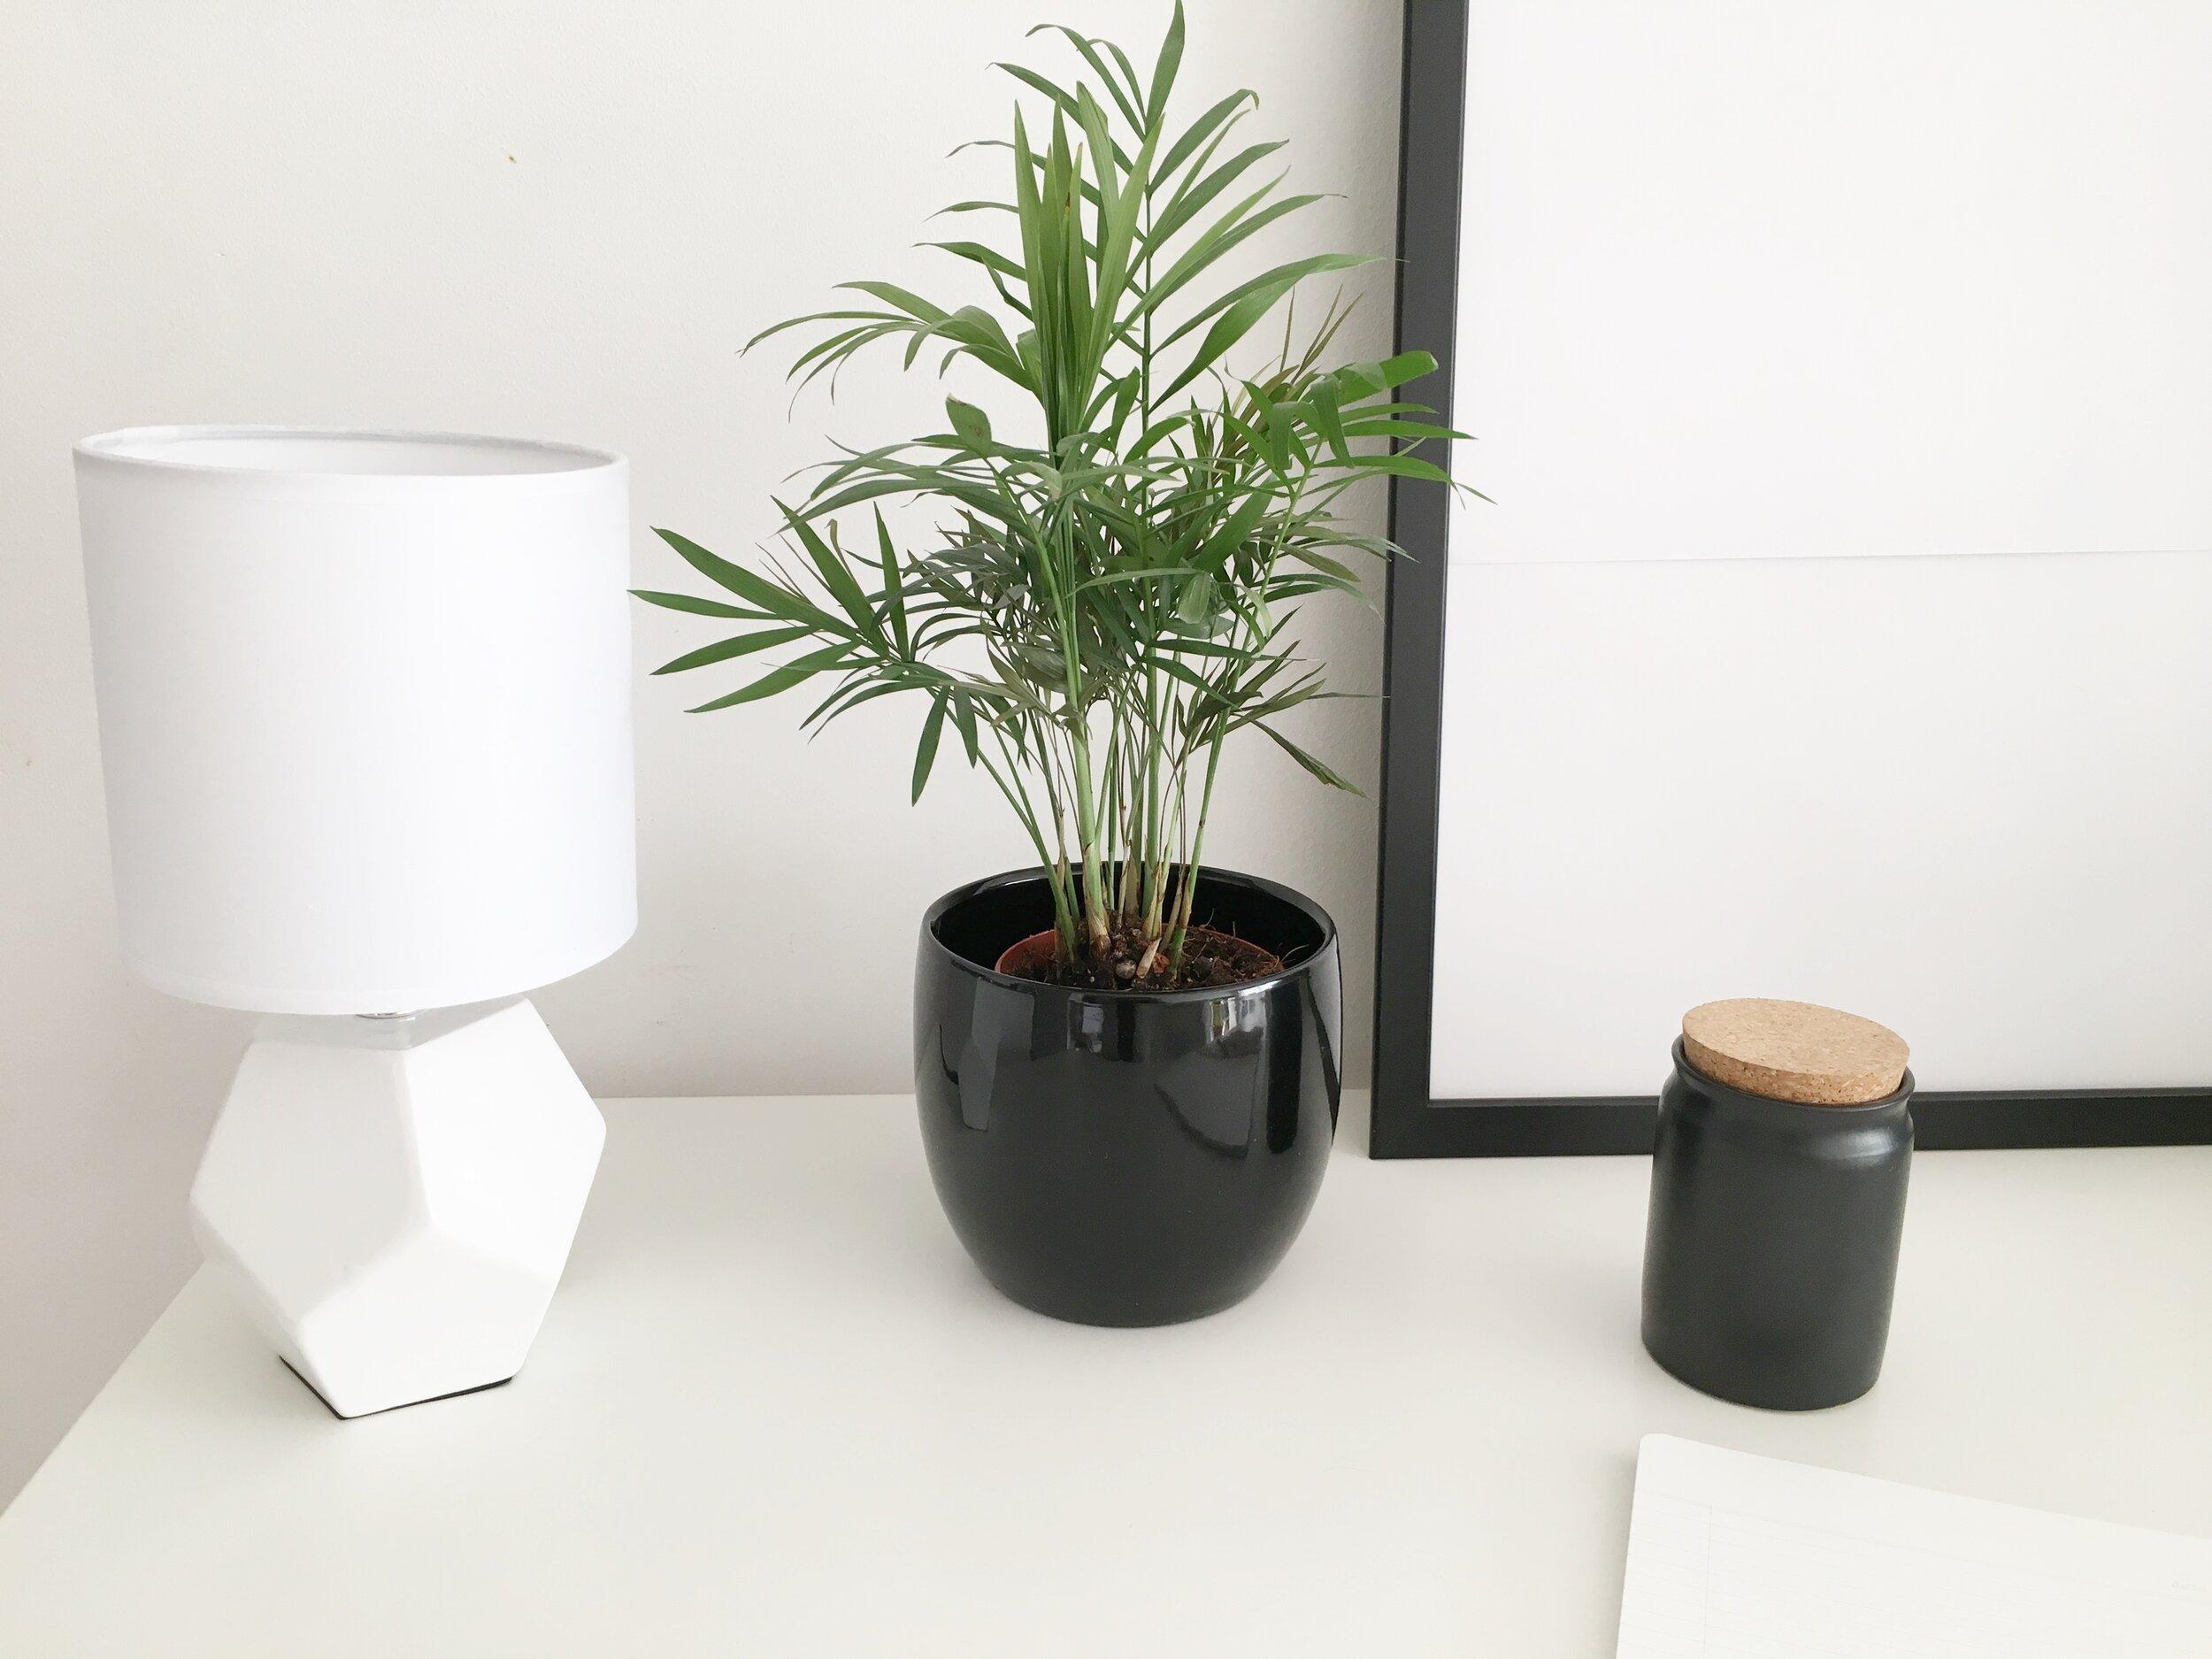 Lampka stołowa, doniczka, roślina doniczkowa, kamionkowy pojemnik z korkiem:  Bricomarche